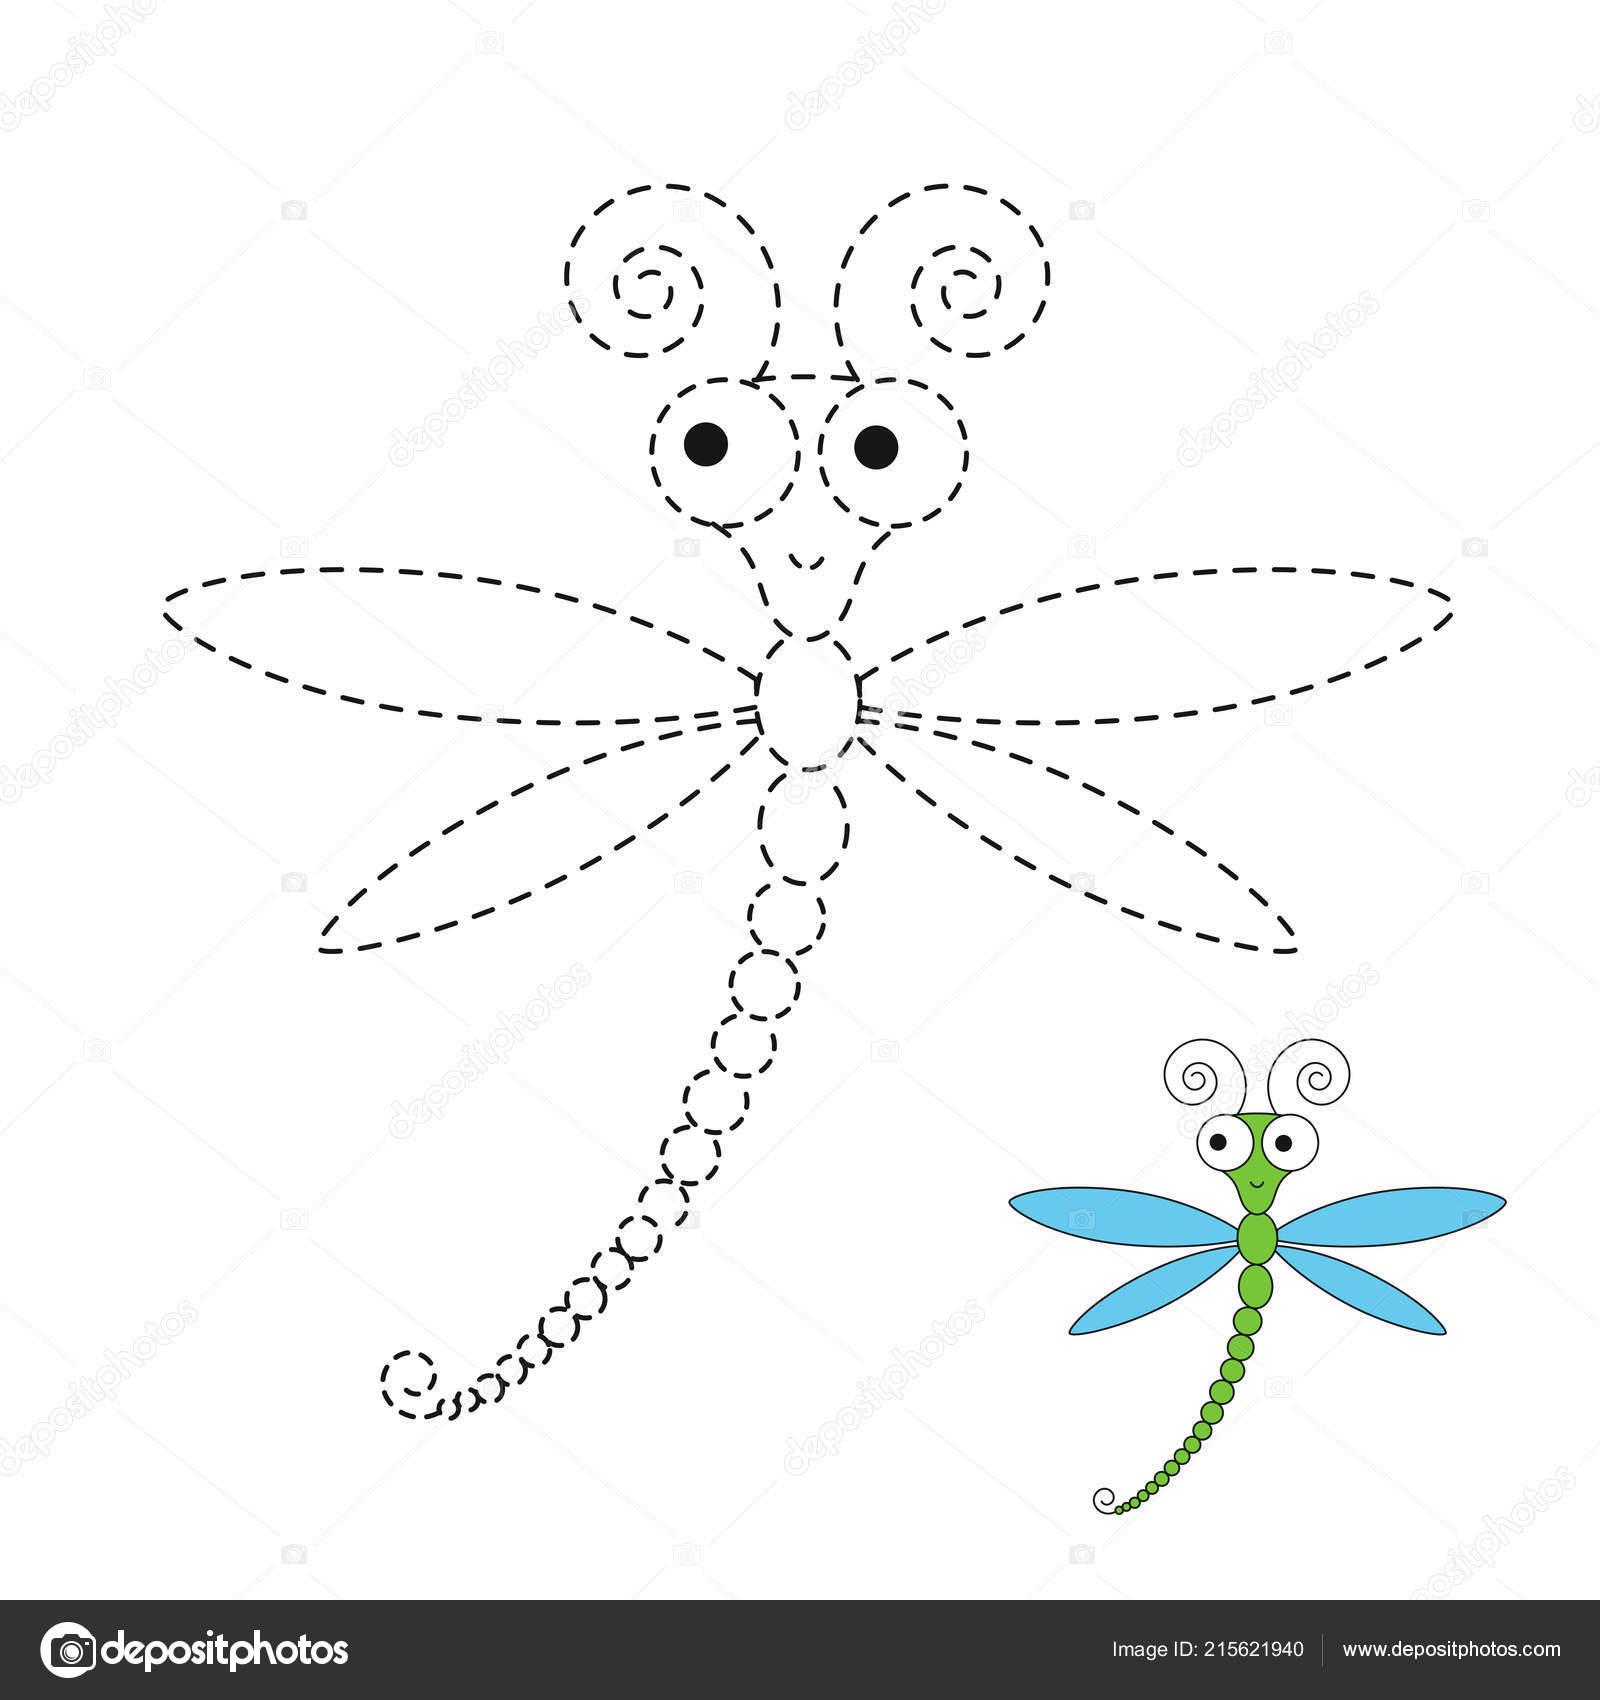 Drawings Easy Of Dragonflies